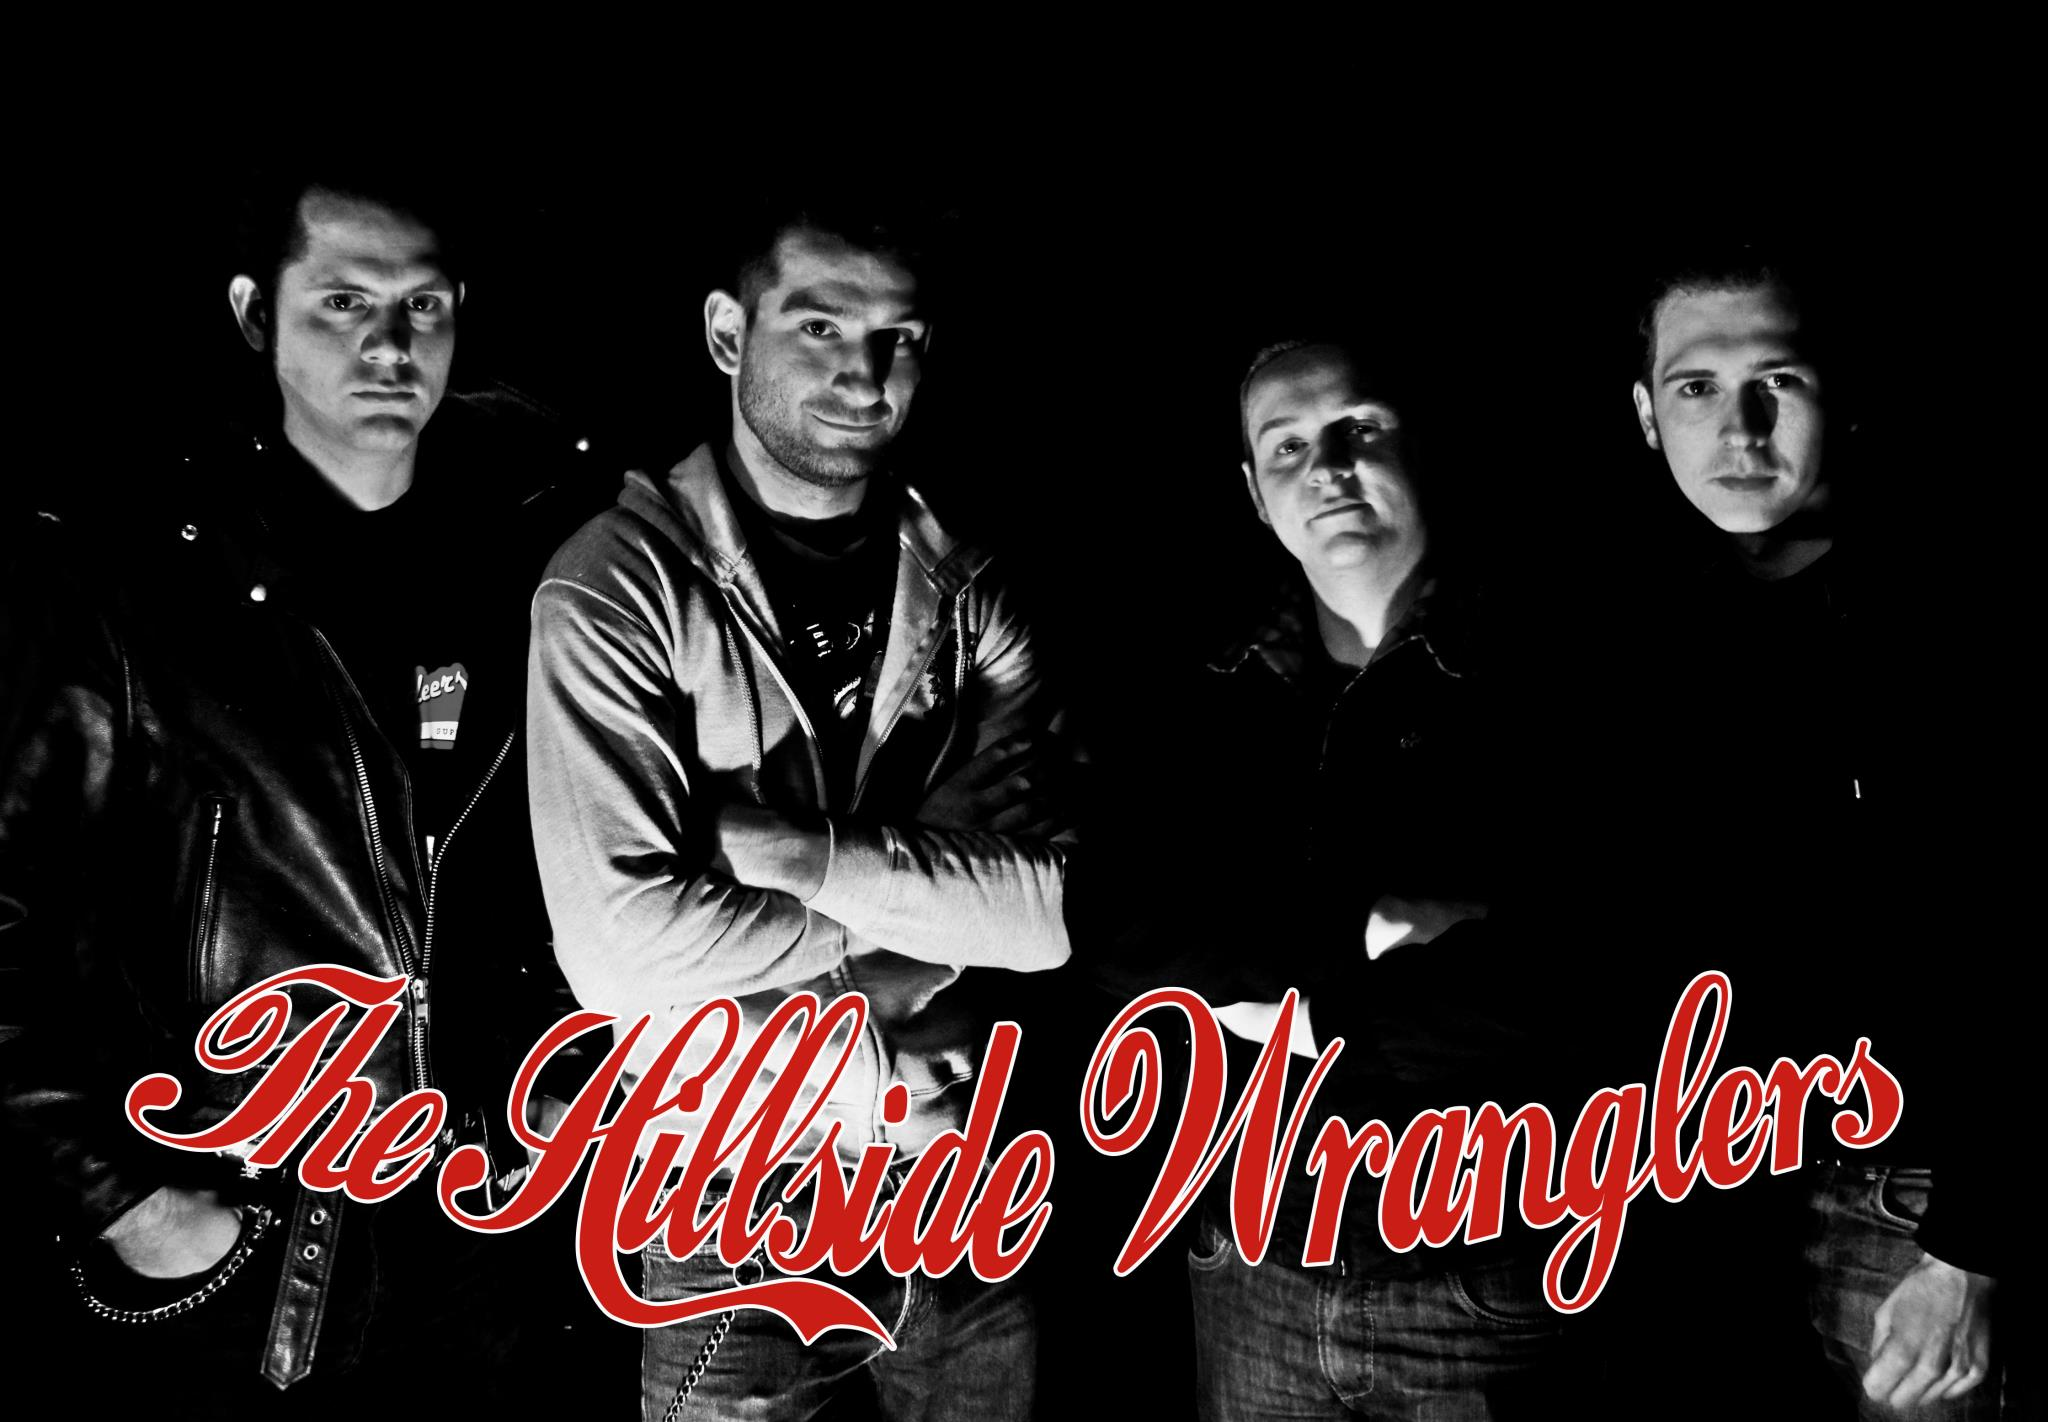 The Hillside Wranglers